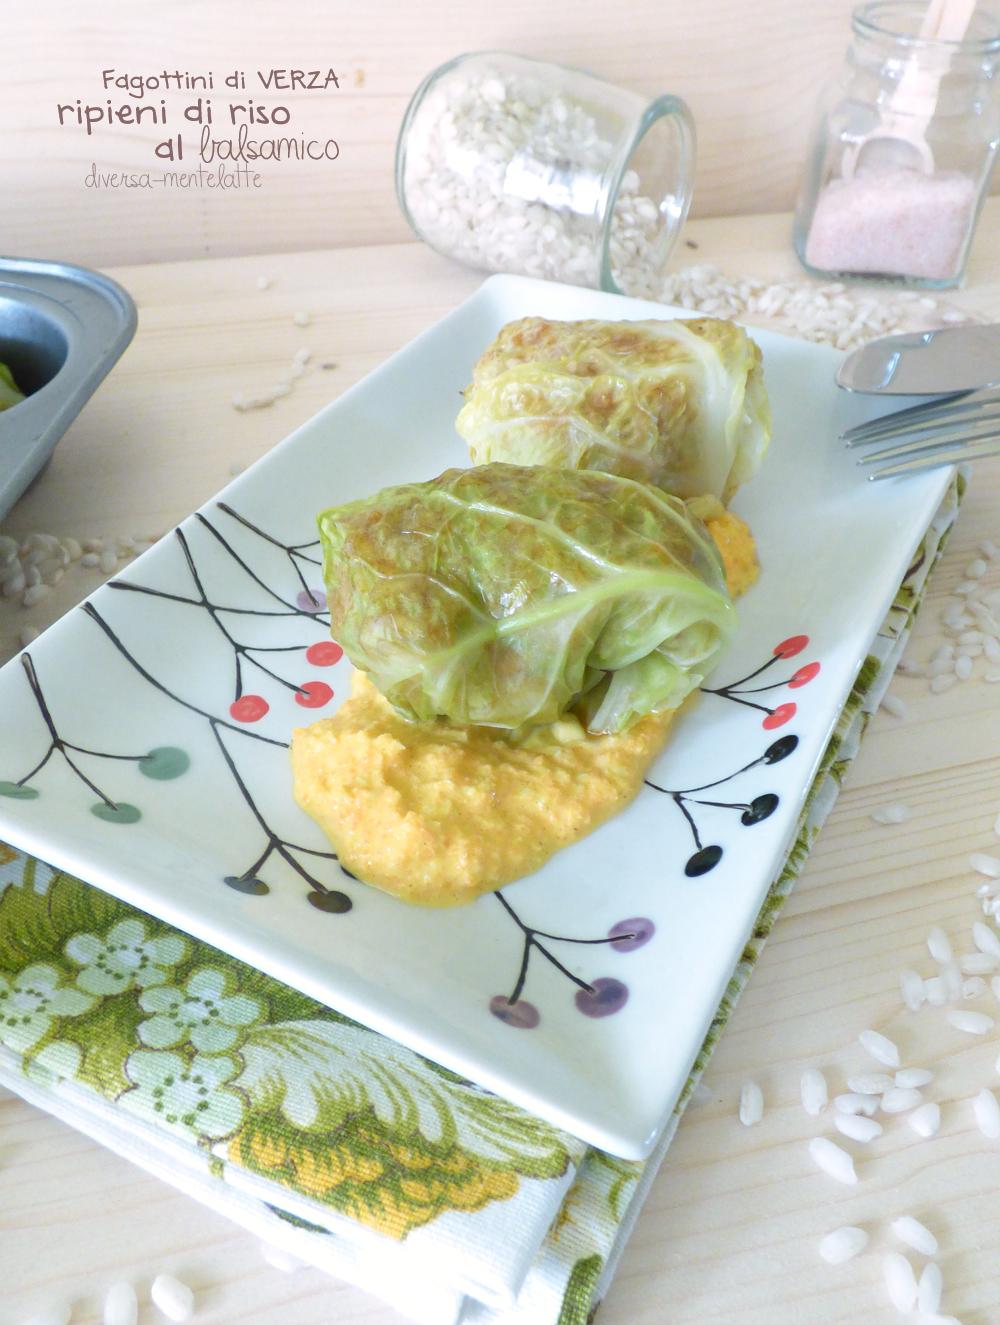 fagottini di verza con riso al balsamico